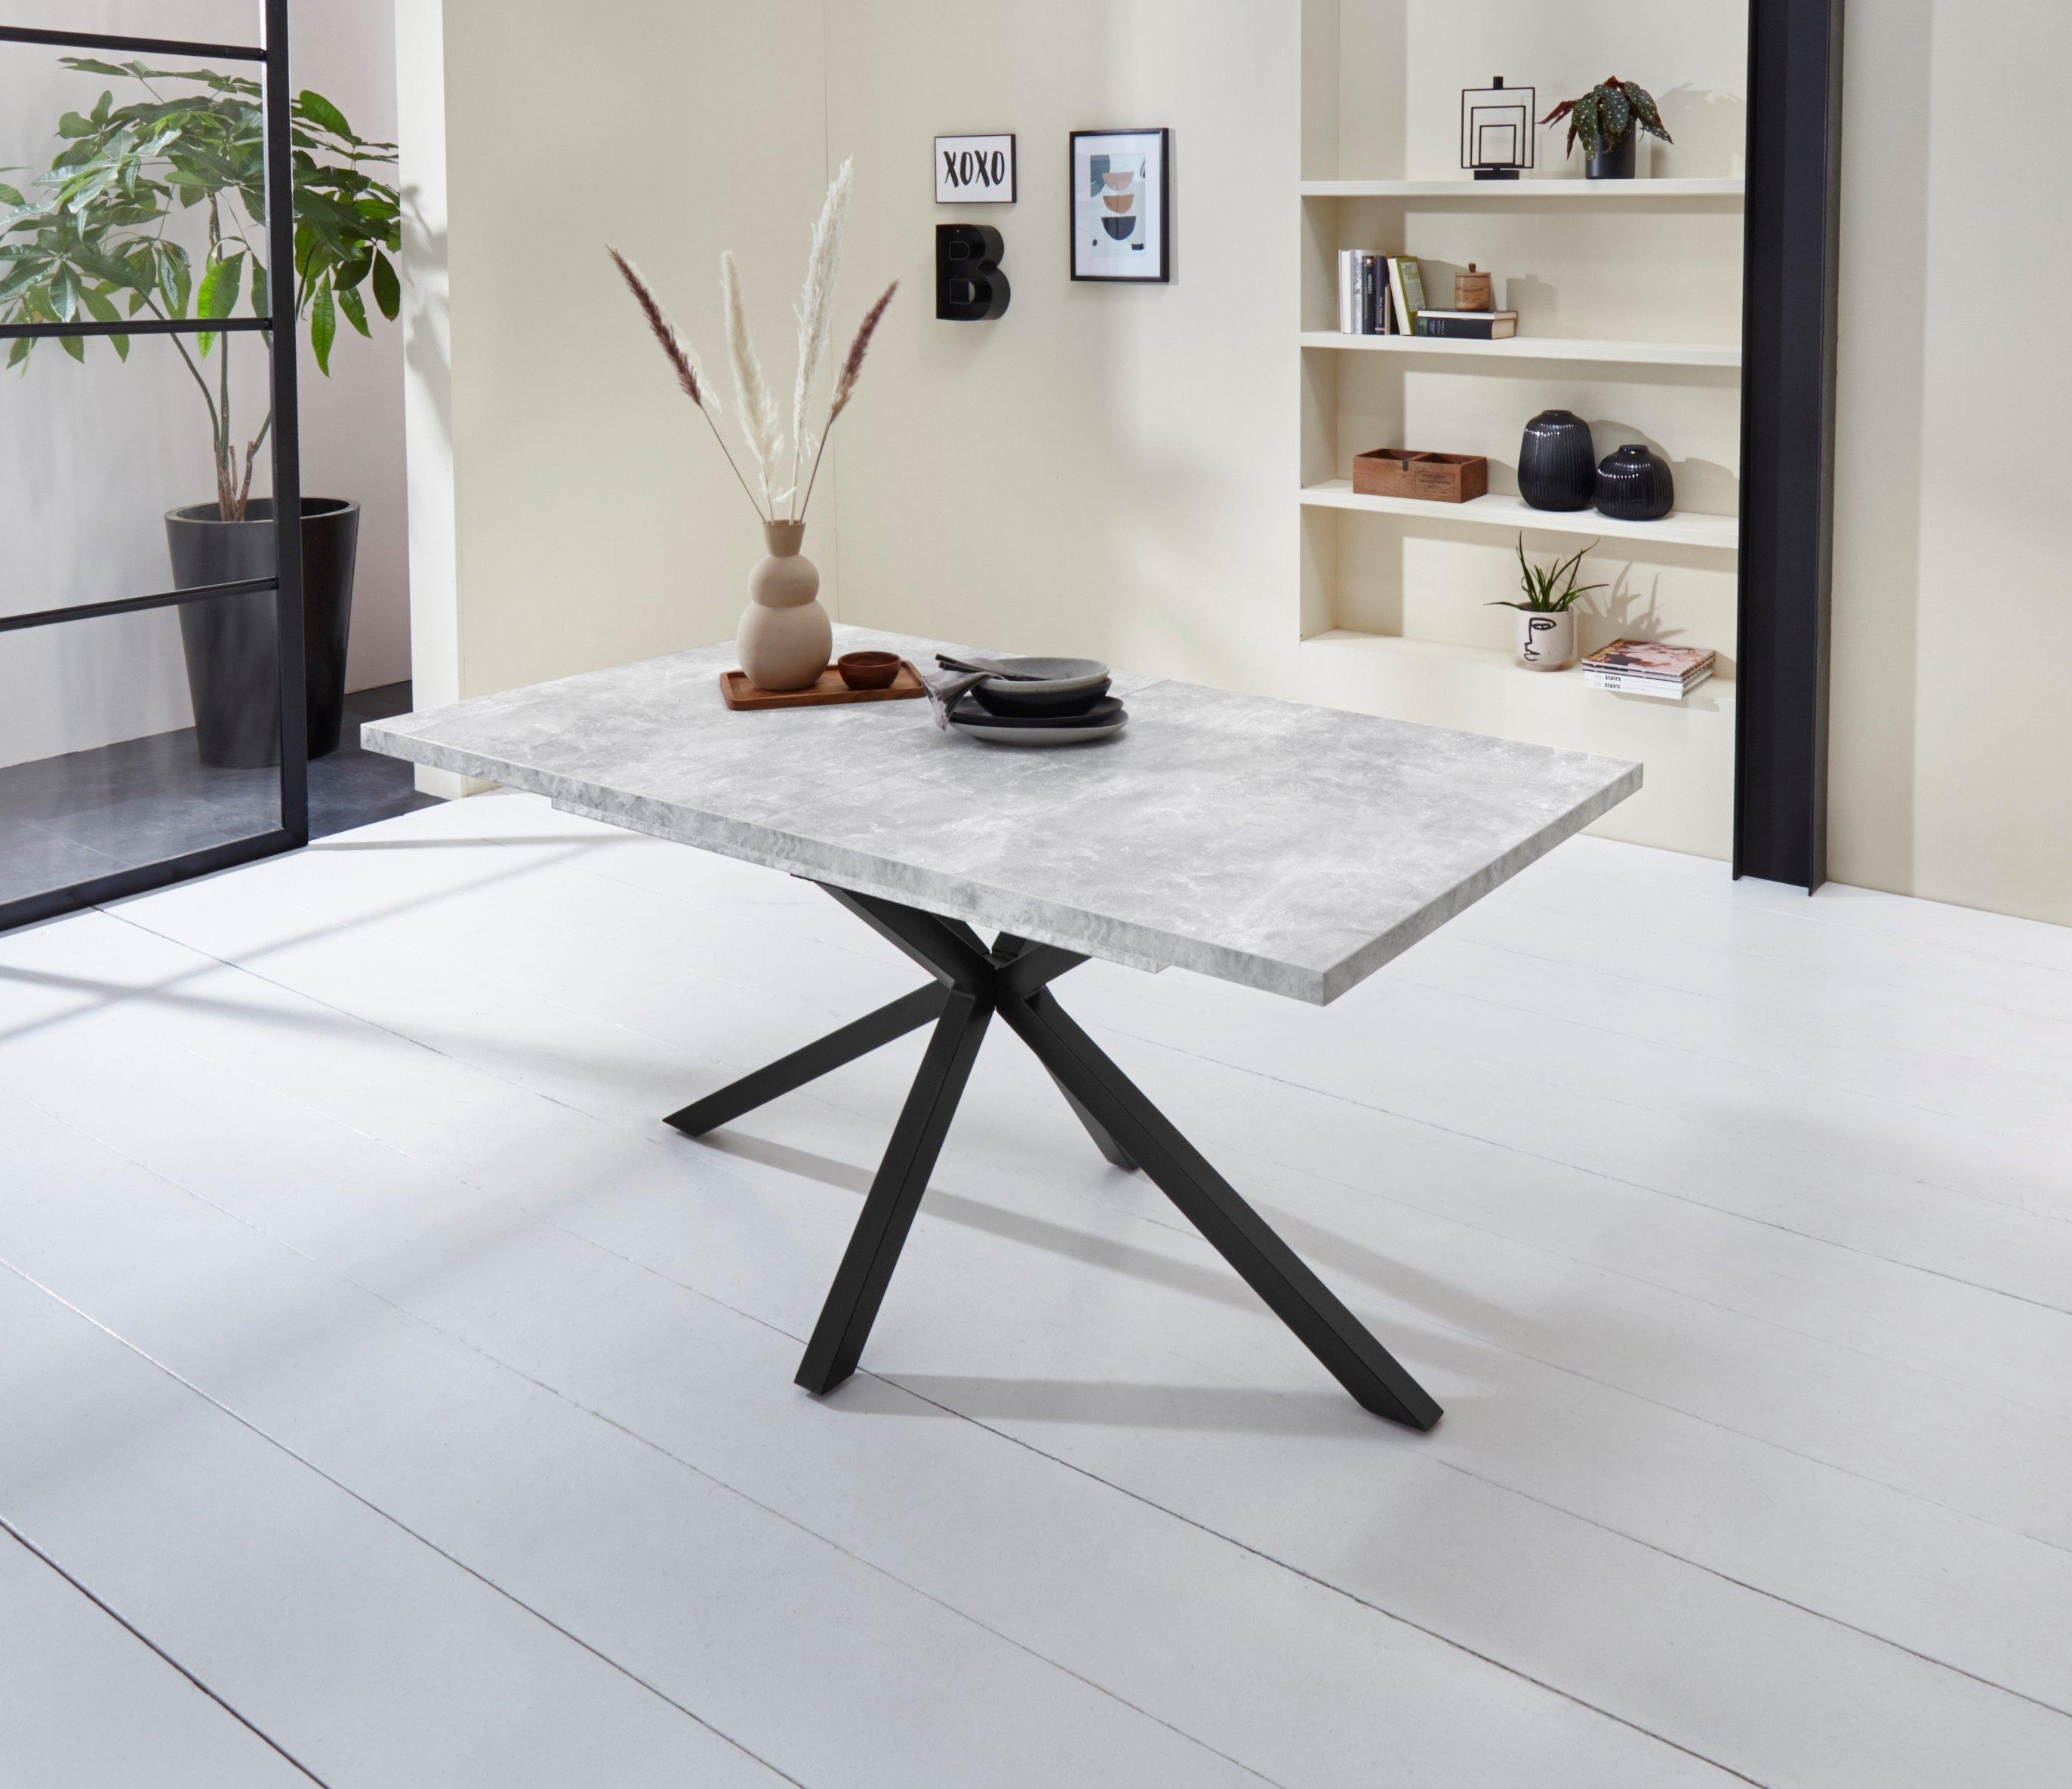 HELA Eettafel MALOU Breedte 160-200 cm bestellen: 30 dagen bedenktijd